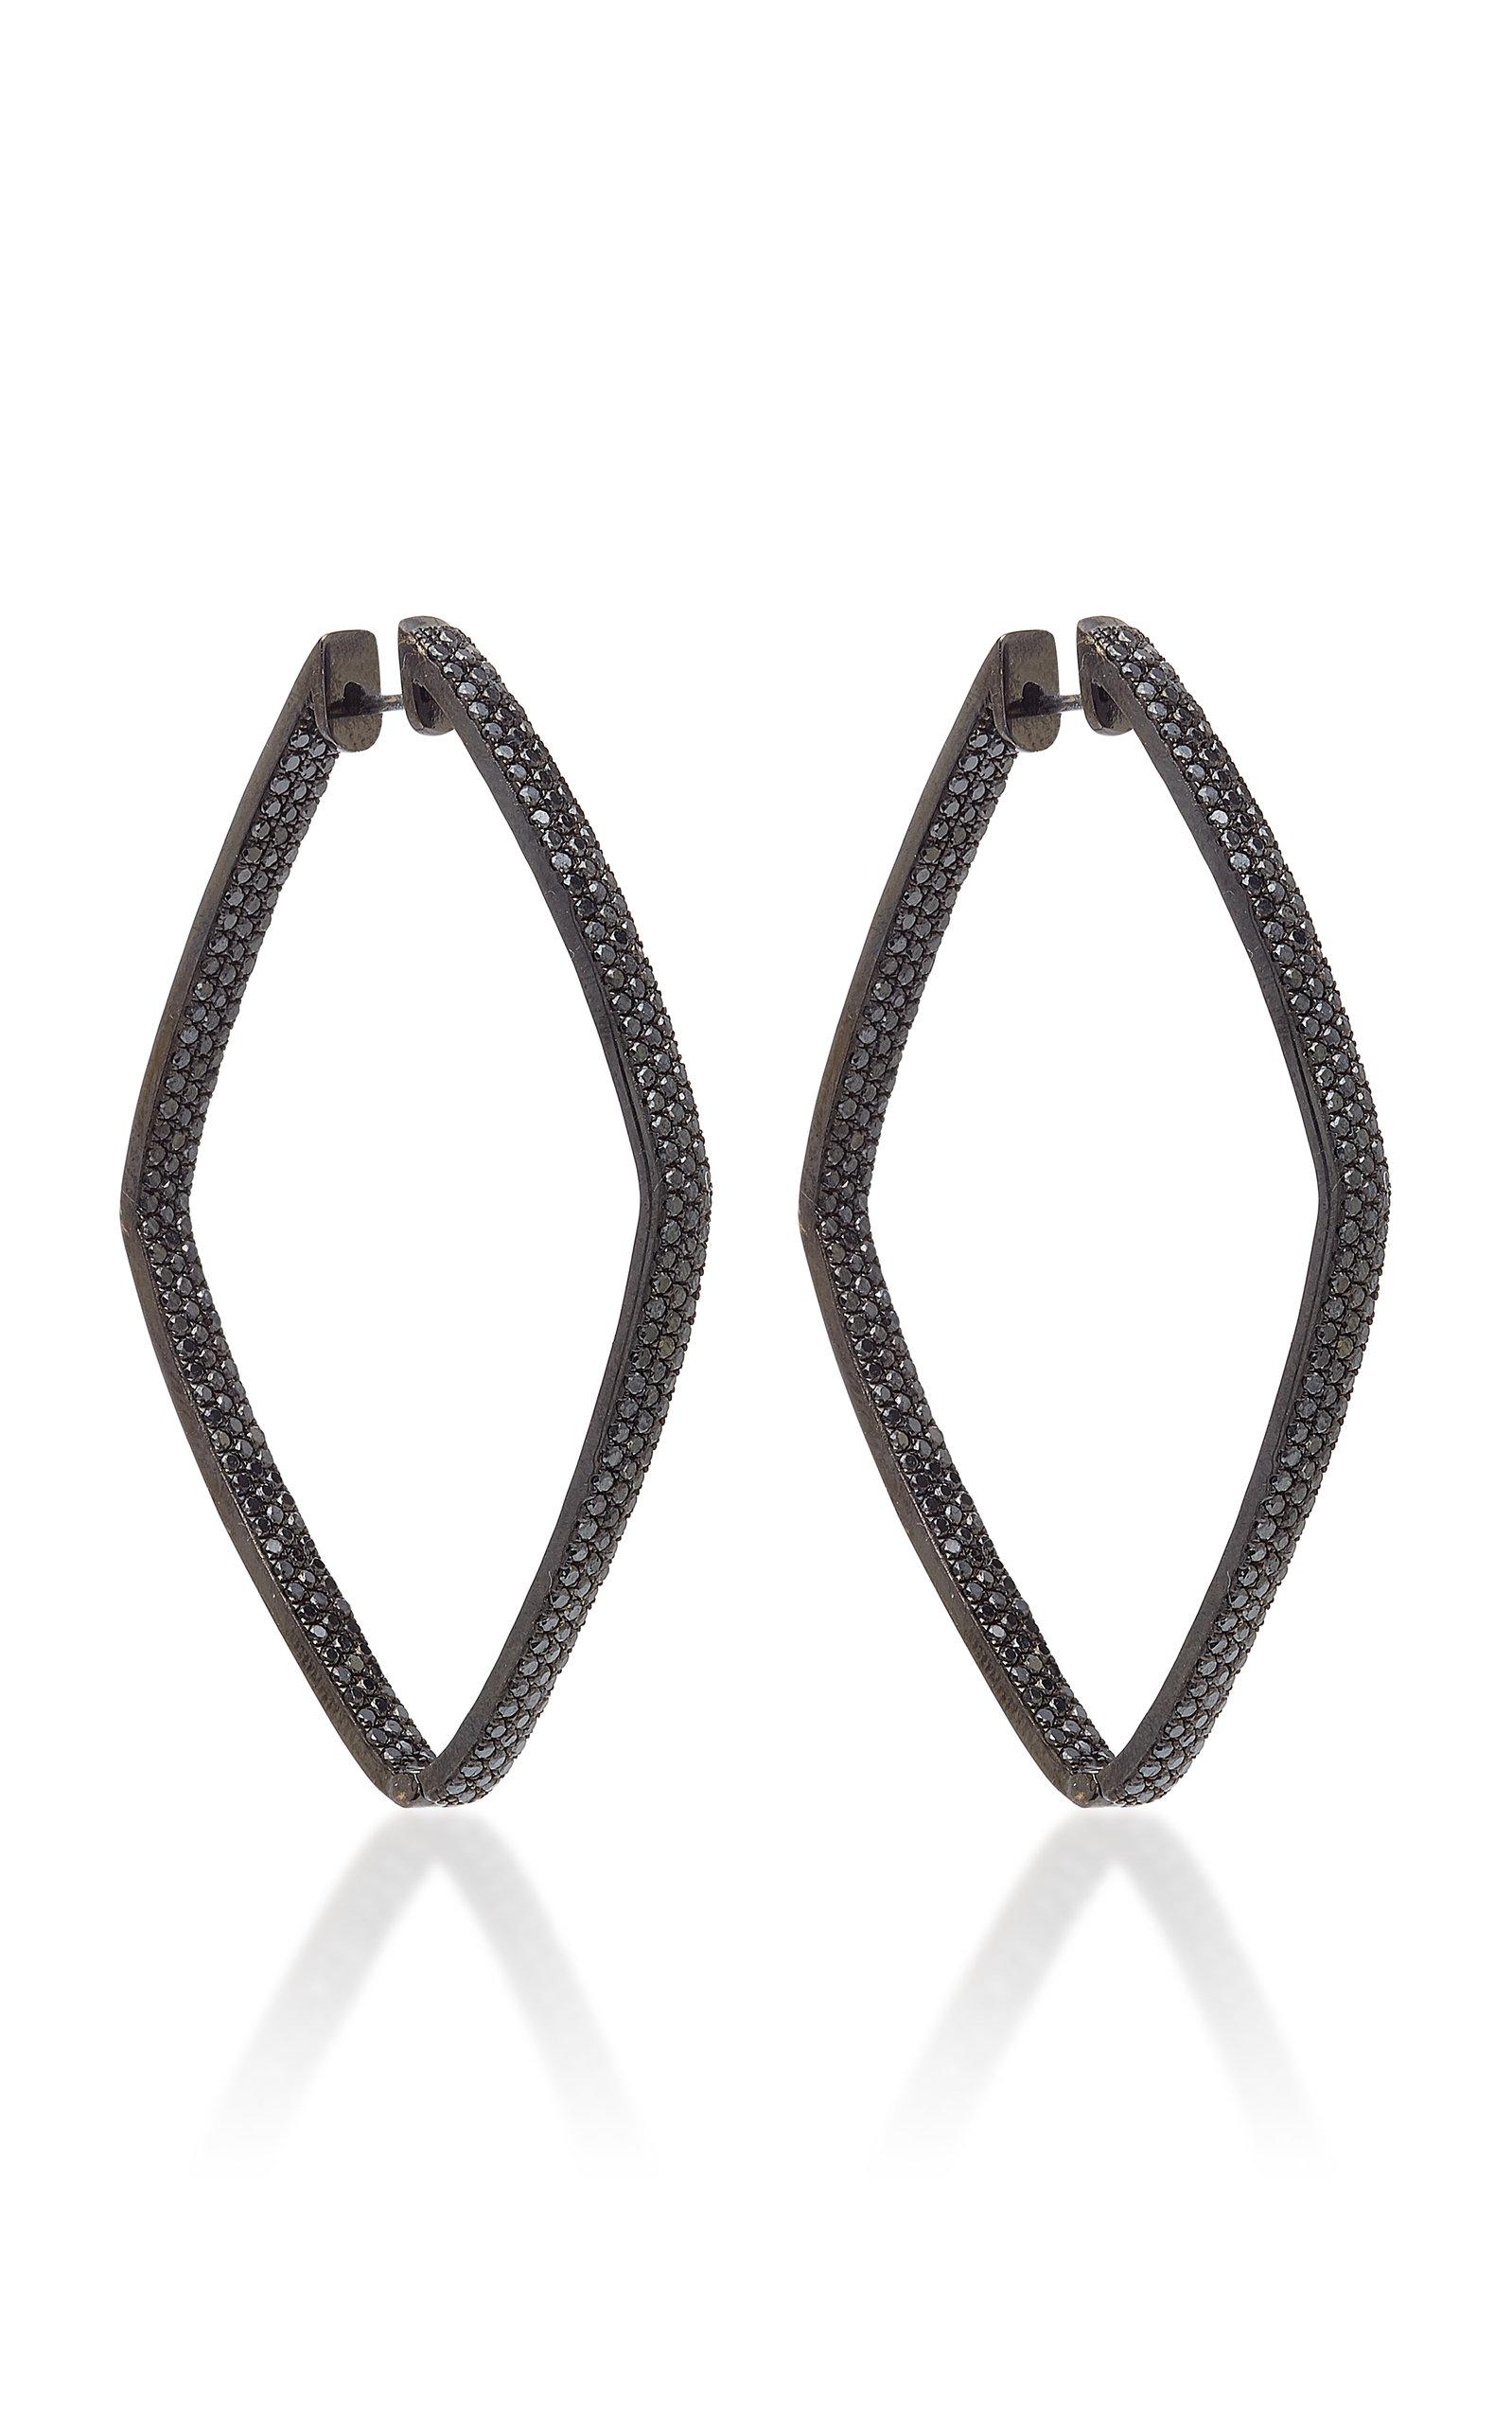 OFIRA BLACK DIAMOND DIAMOND SHAPE HOOP EARRINGS